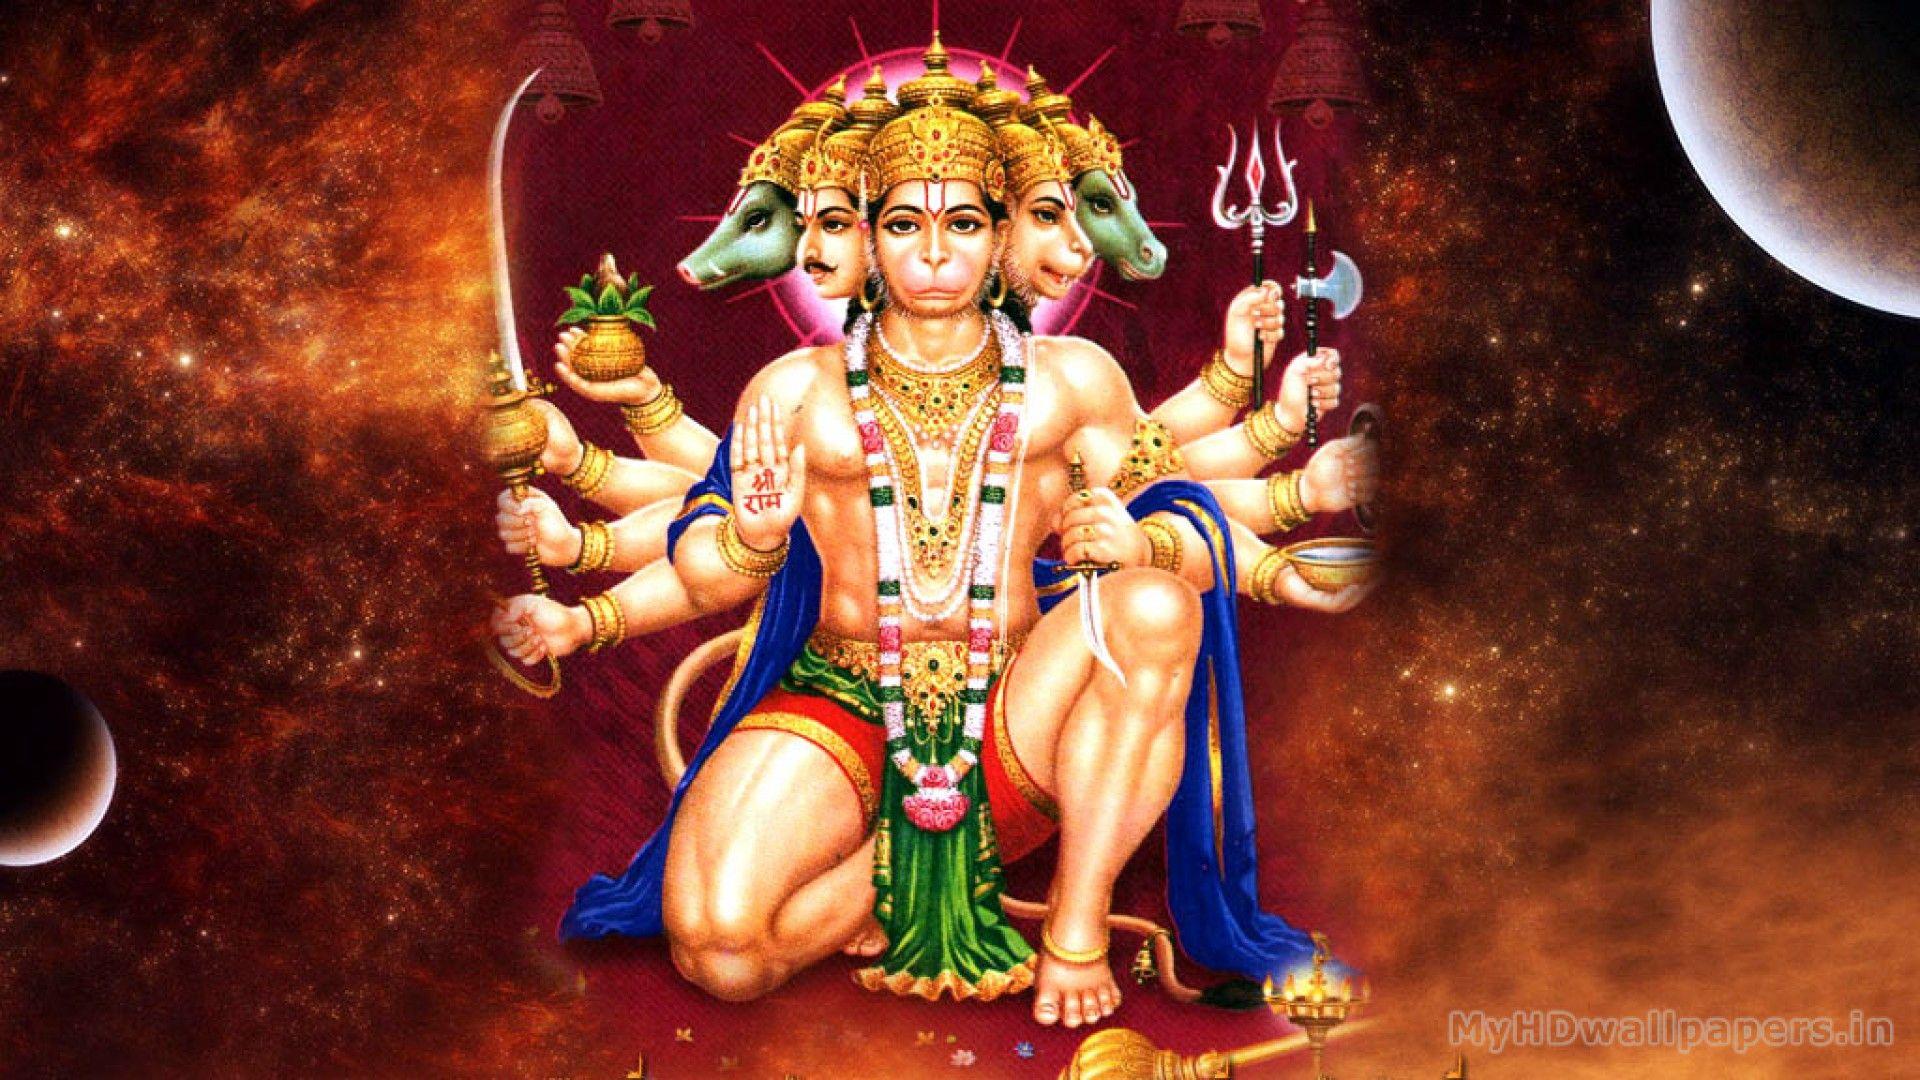 Hd wallpaper of hanuman - 1080p Lord Hanuman Hd Wallpapers Full Size Download